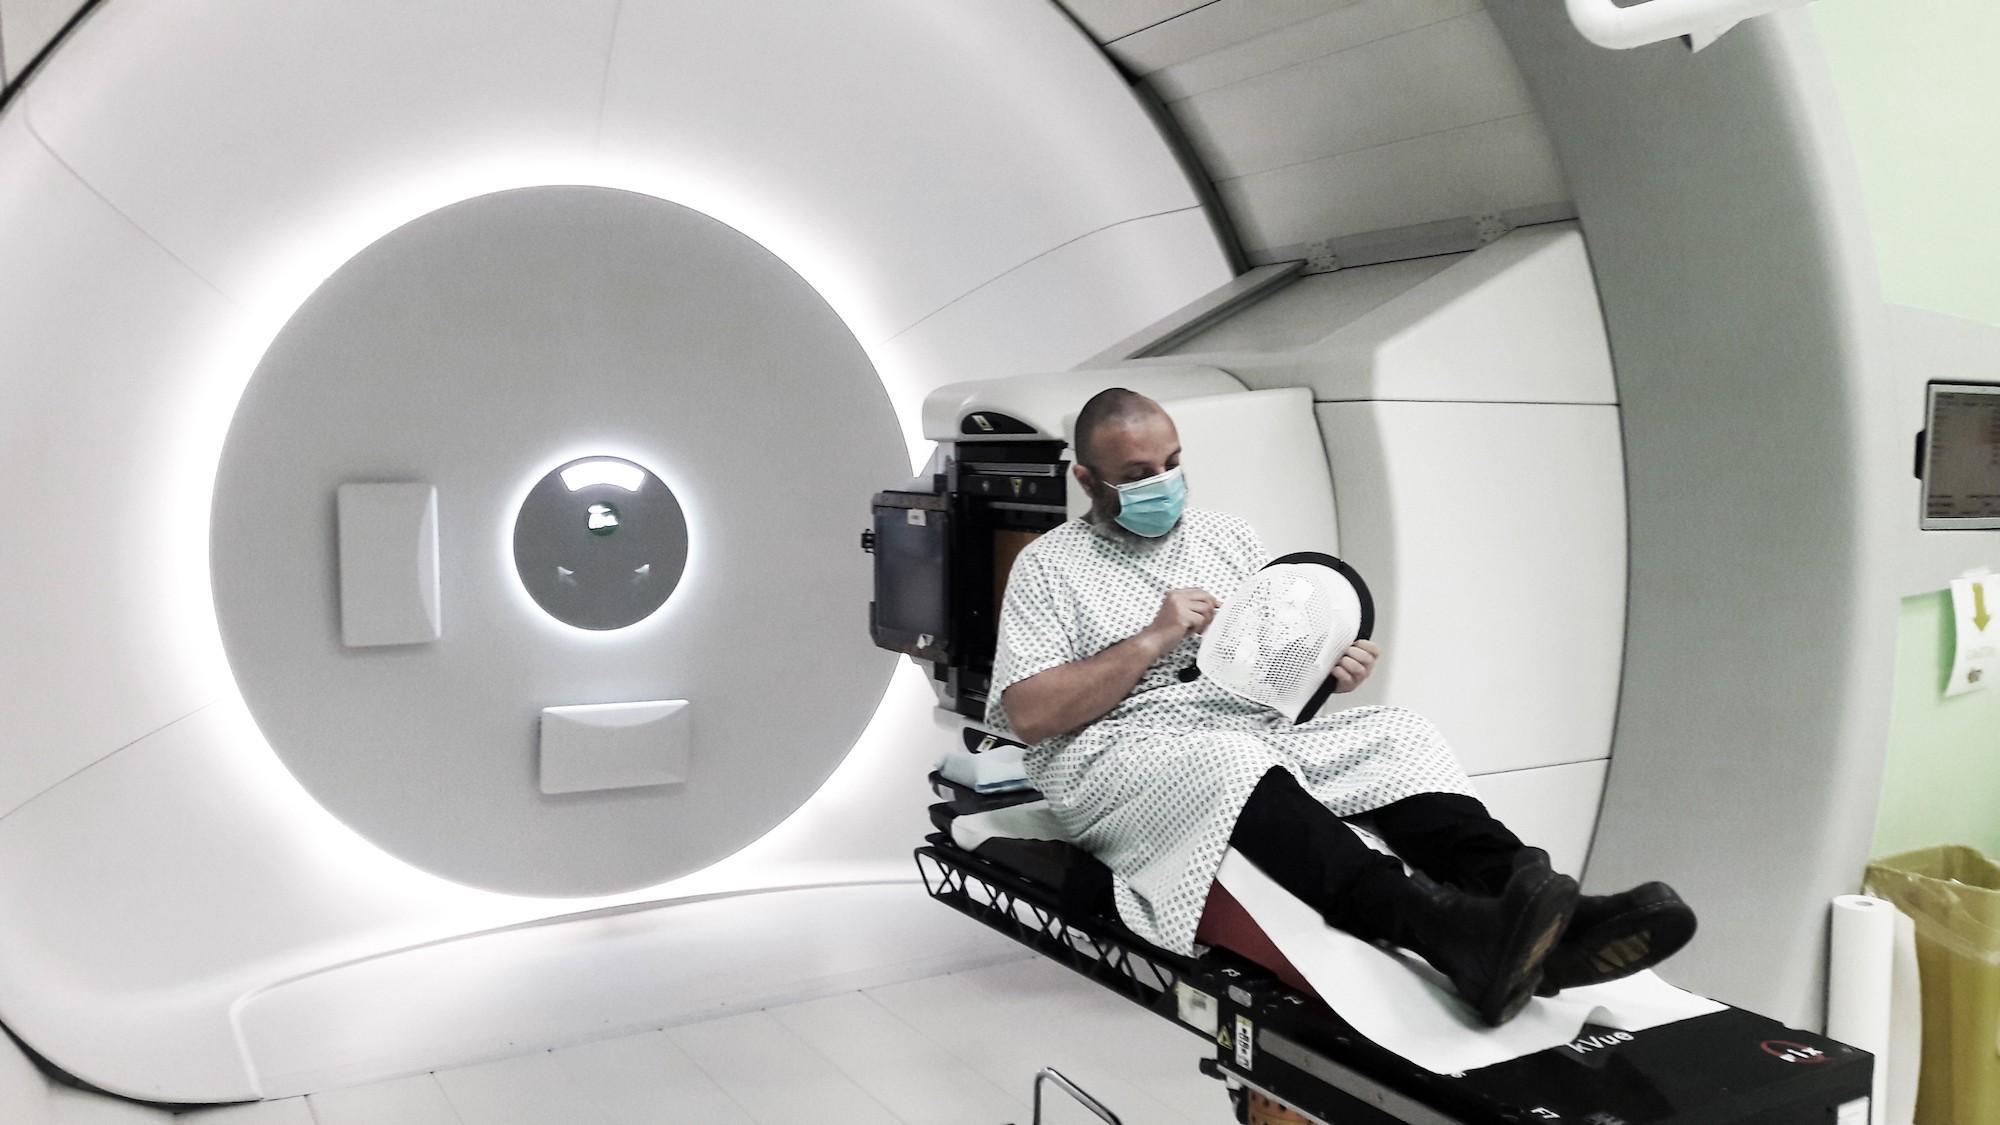 Iaconesi si sottopone a una seduta di protonterapia. Trento, Italia, 2020.